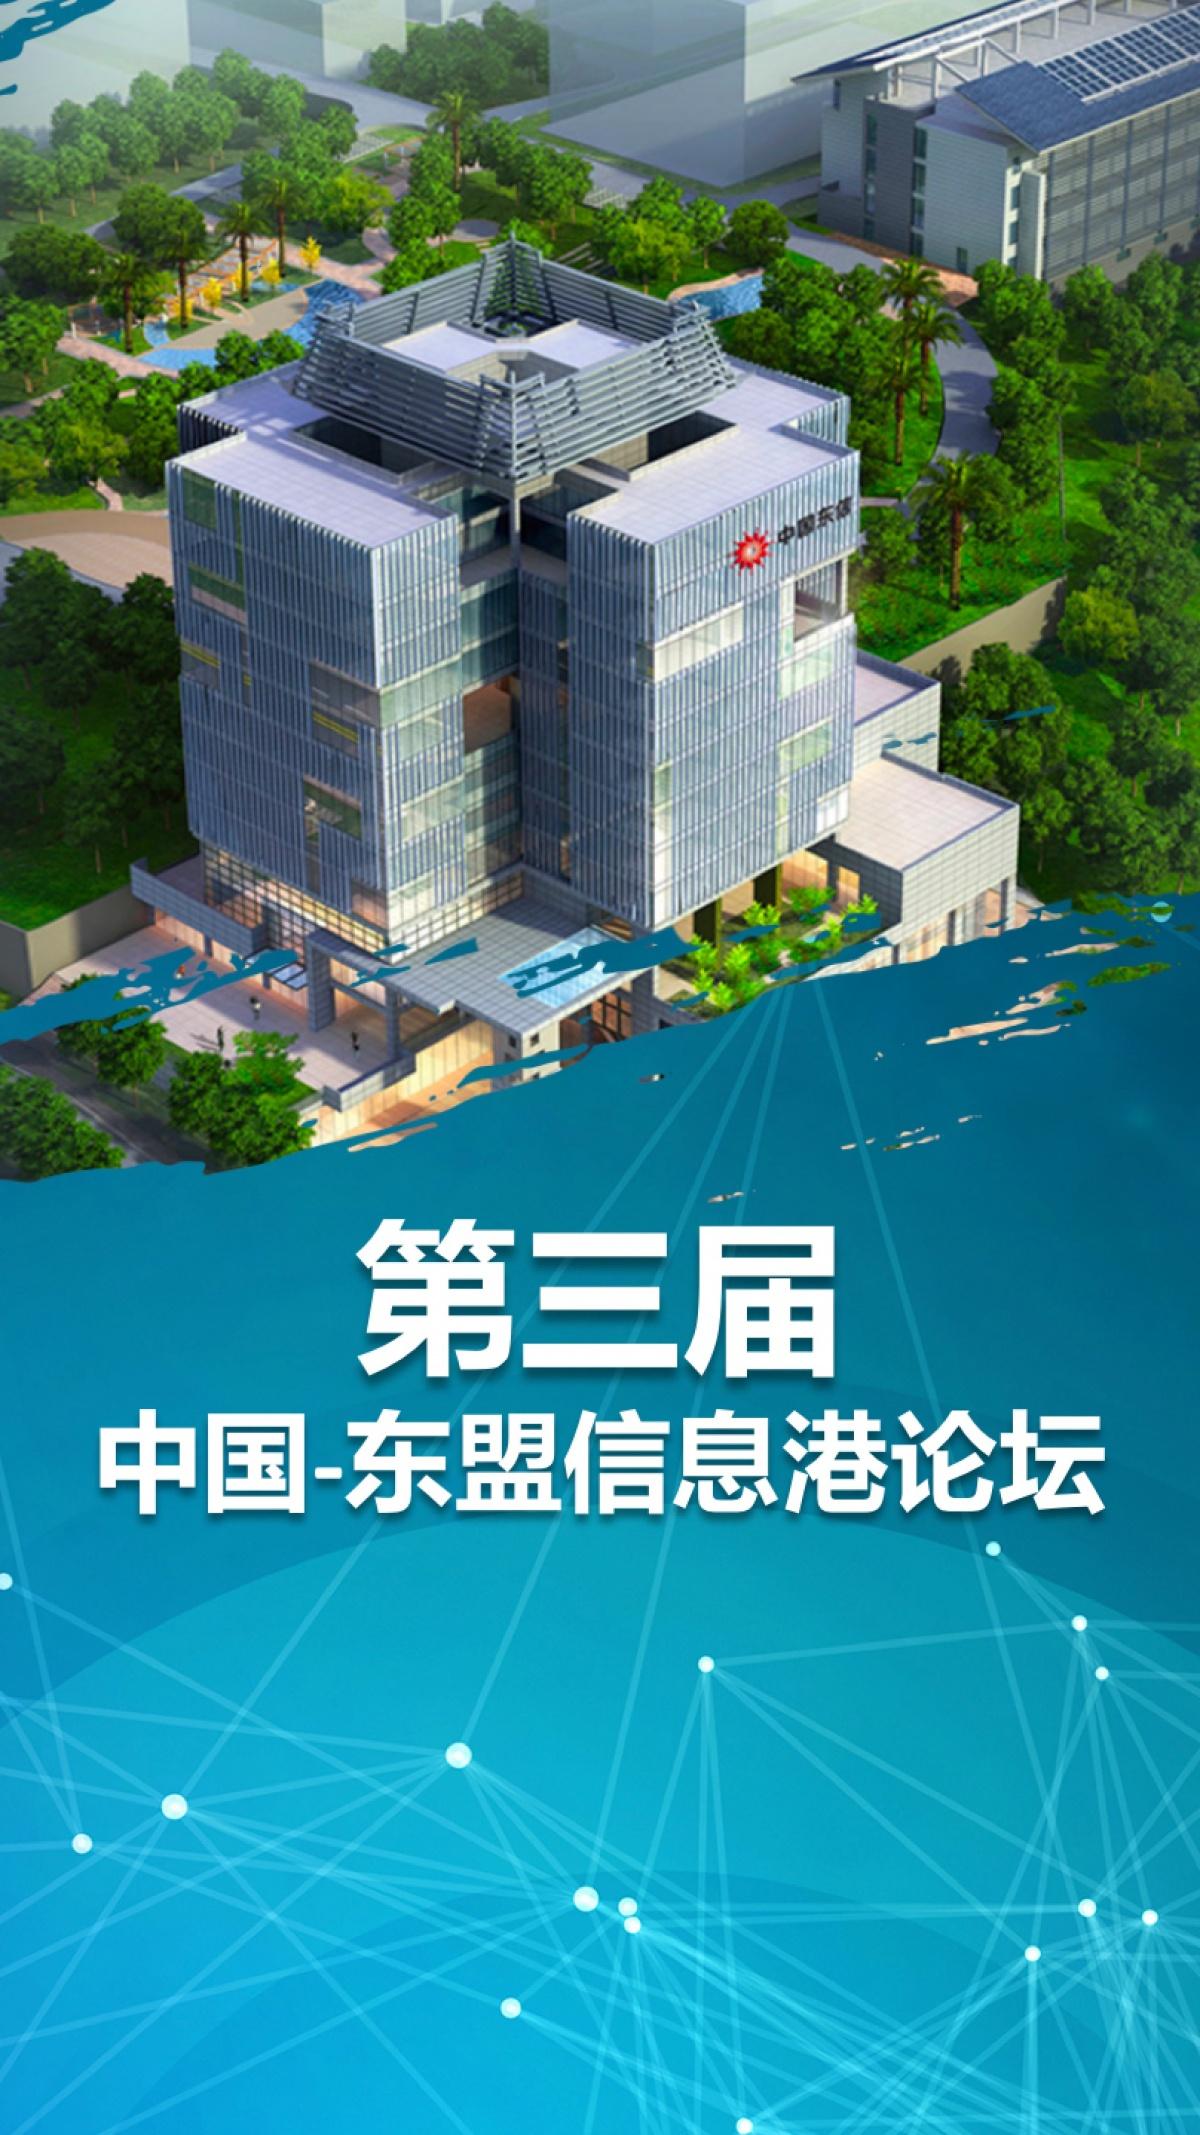 快闪丨第三届中国-东盟信息港论坛将于9月12-18日举行